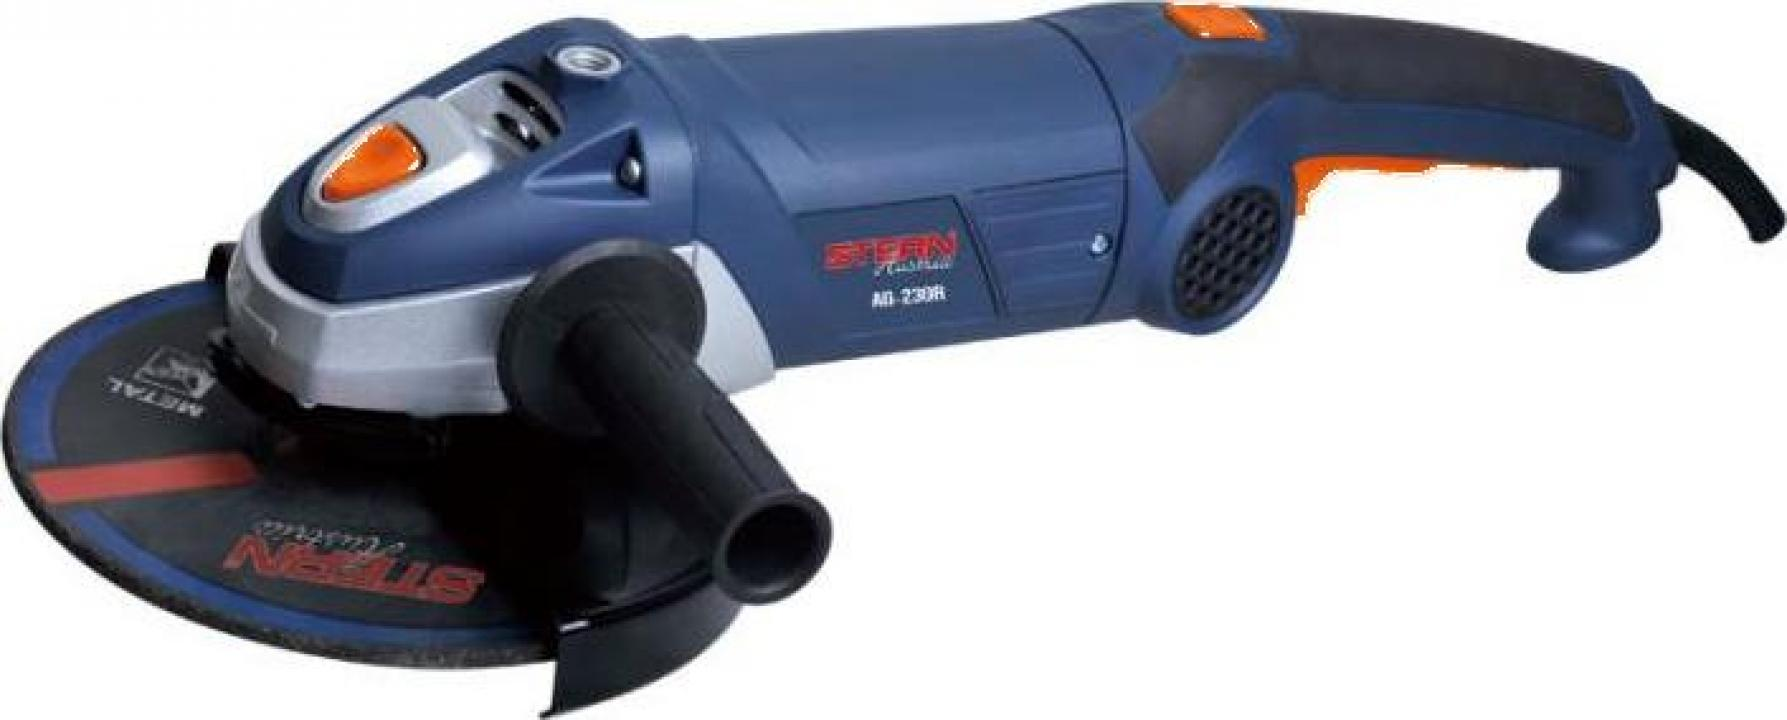 Polizor unghiular Flex Stern Ag230r, 2500w, 6500rpm, 230mm